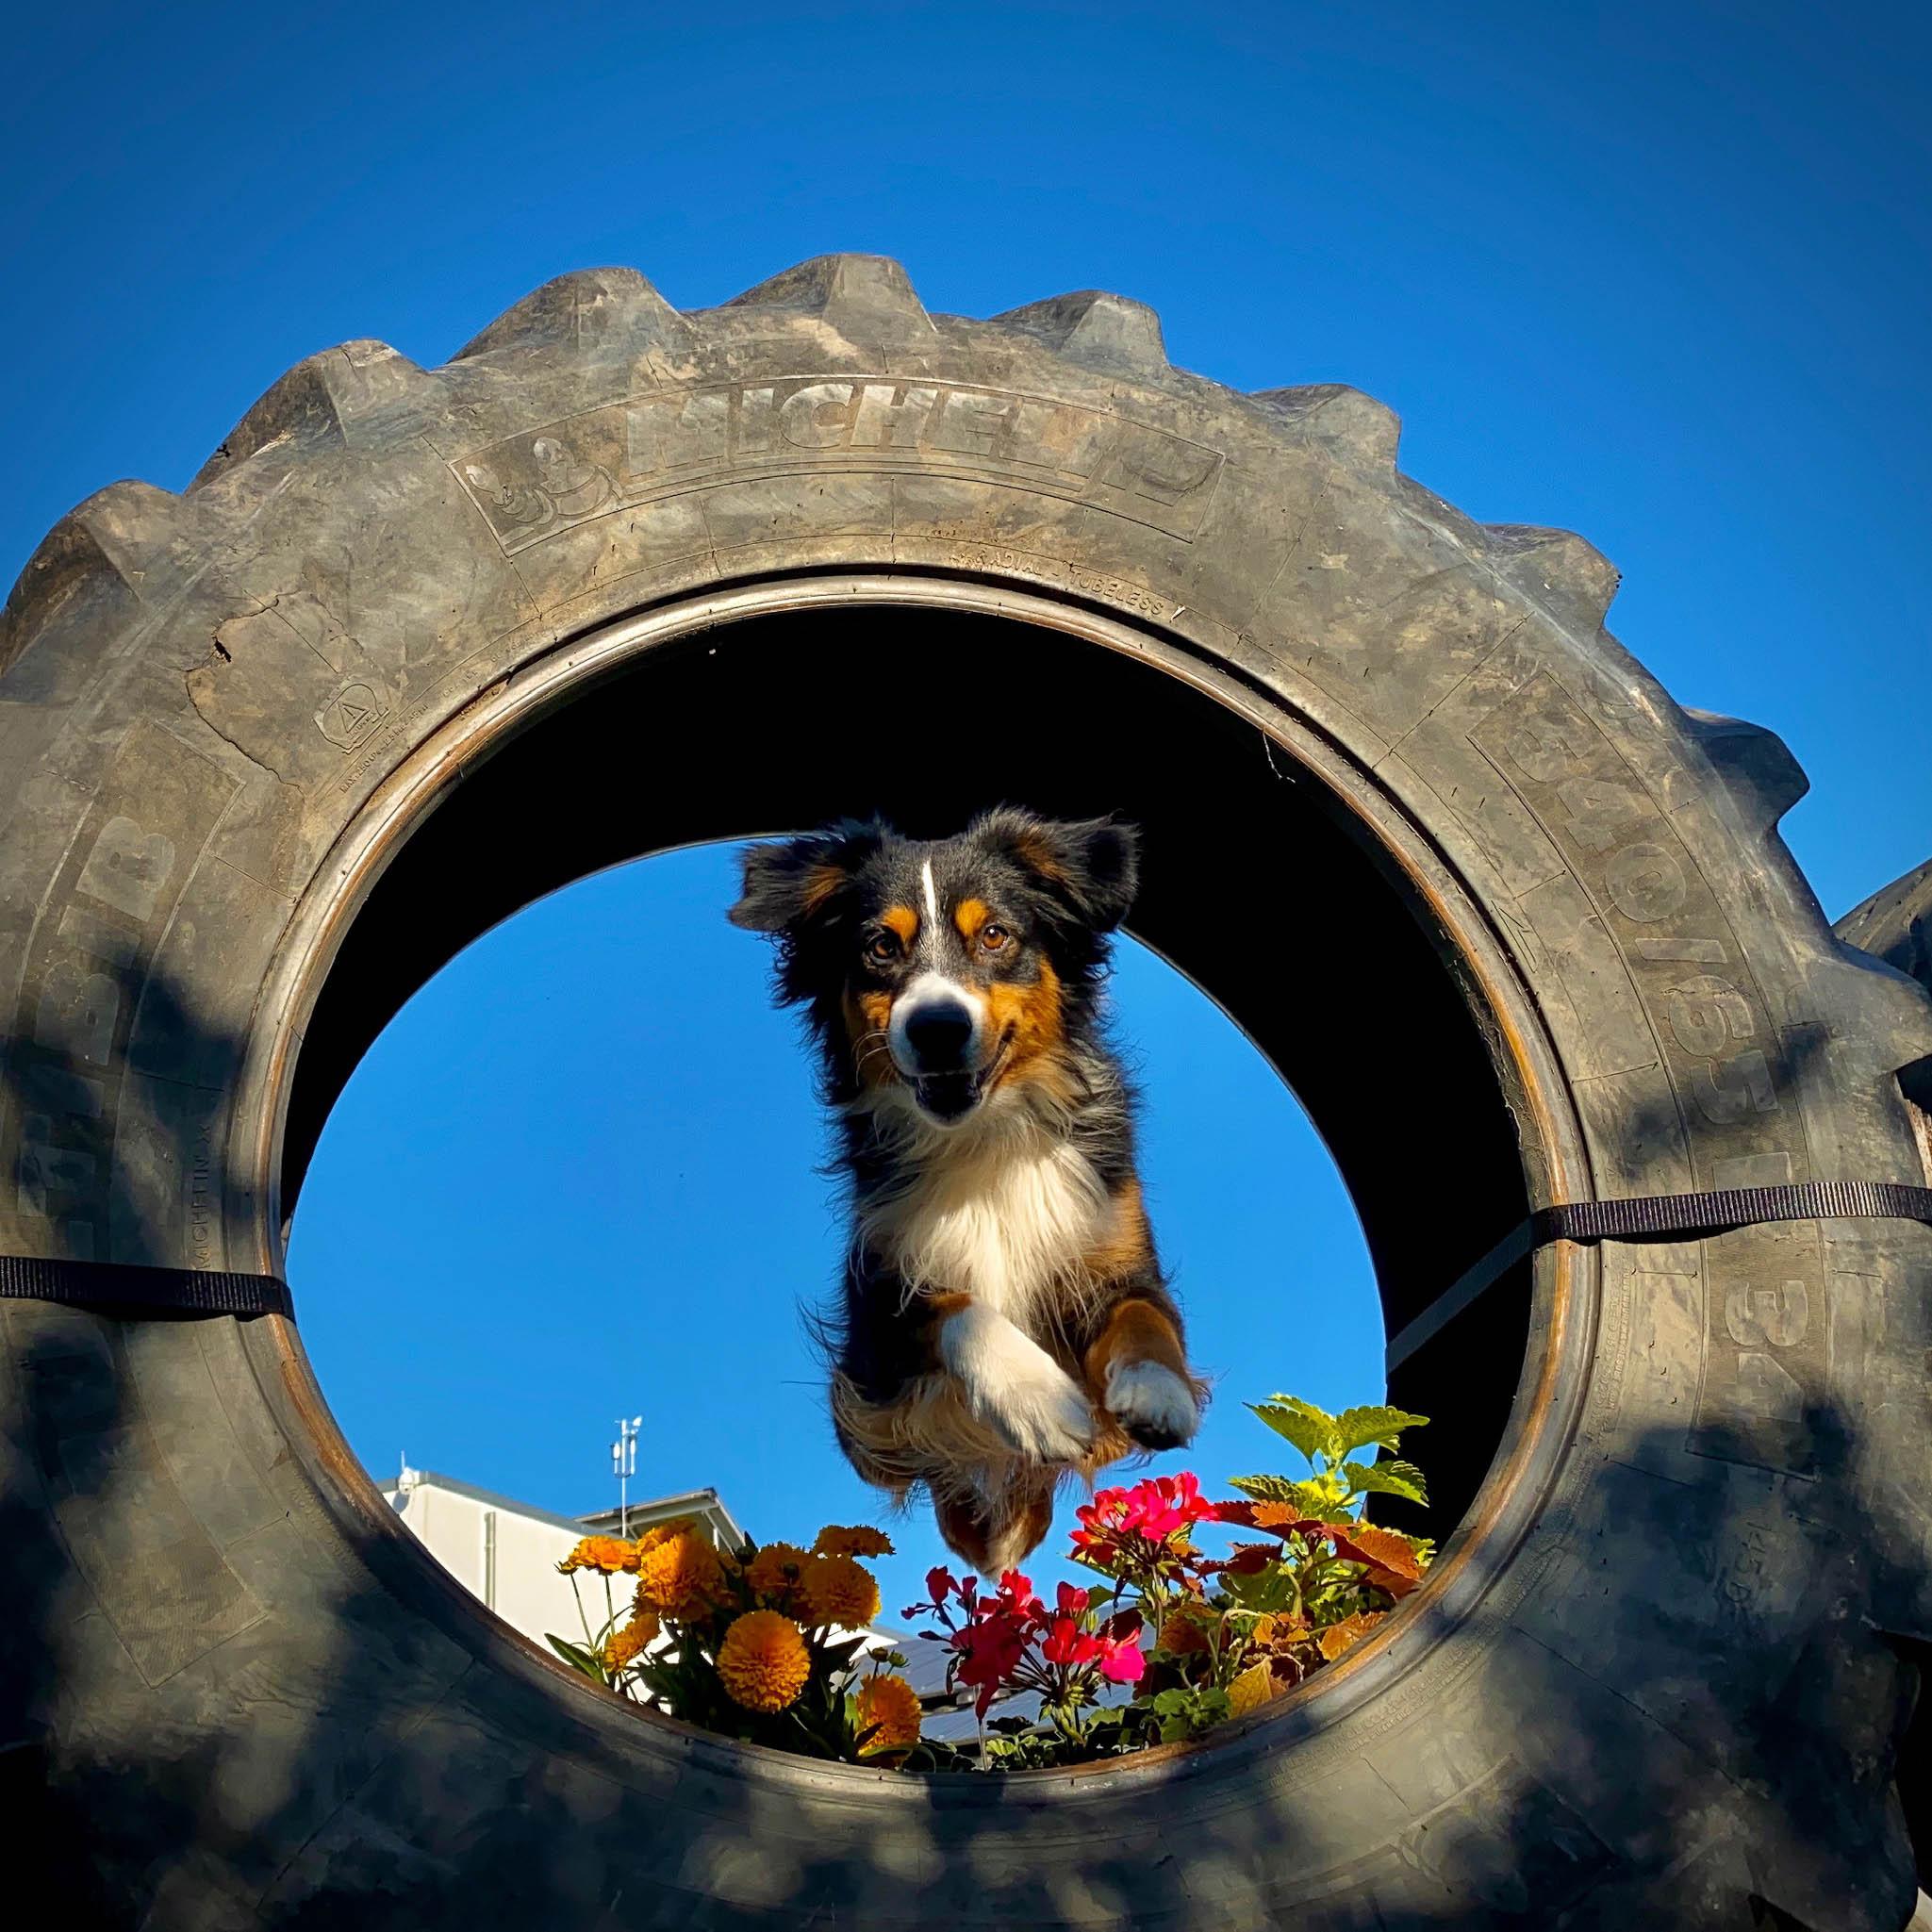 Aussi springt durch einen großen Reifen